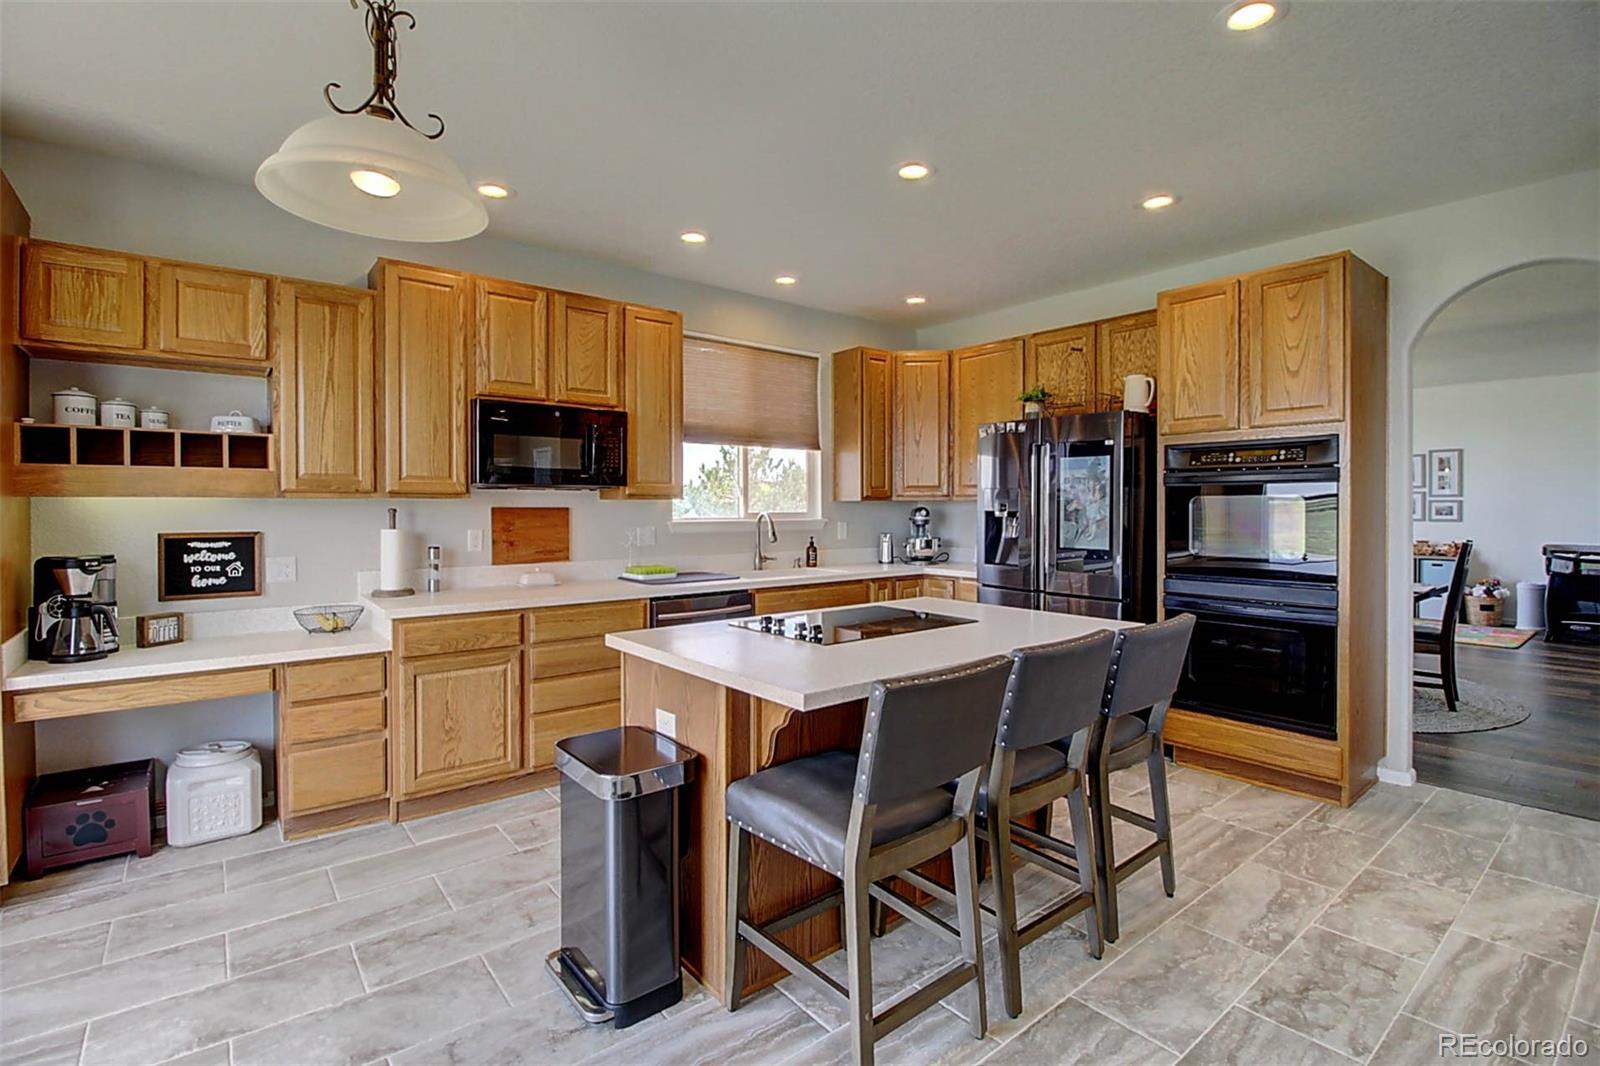 MLS# 9971596 - 8 - 49435 Antelope Drive, Bennett, CO 80102